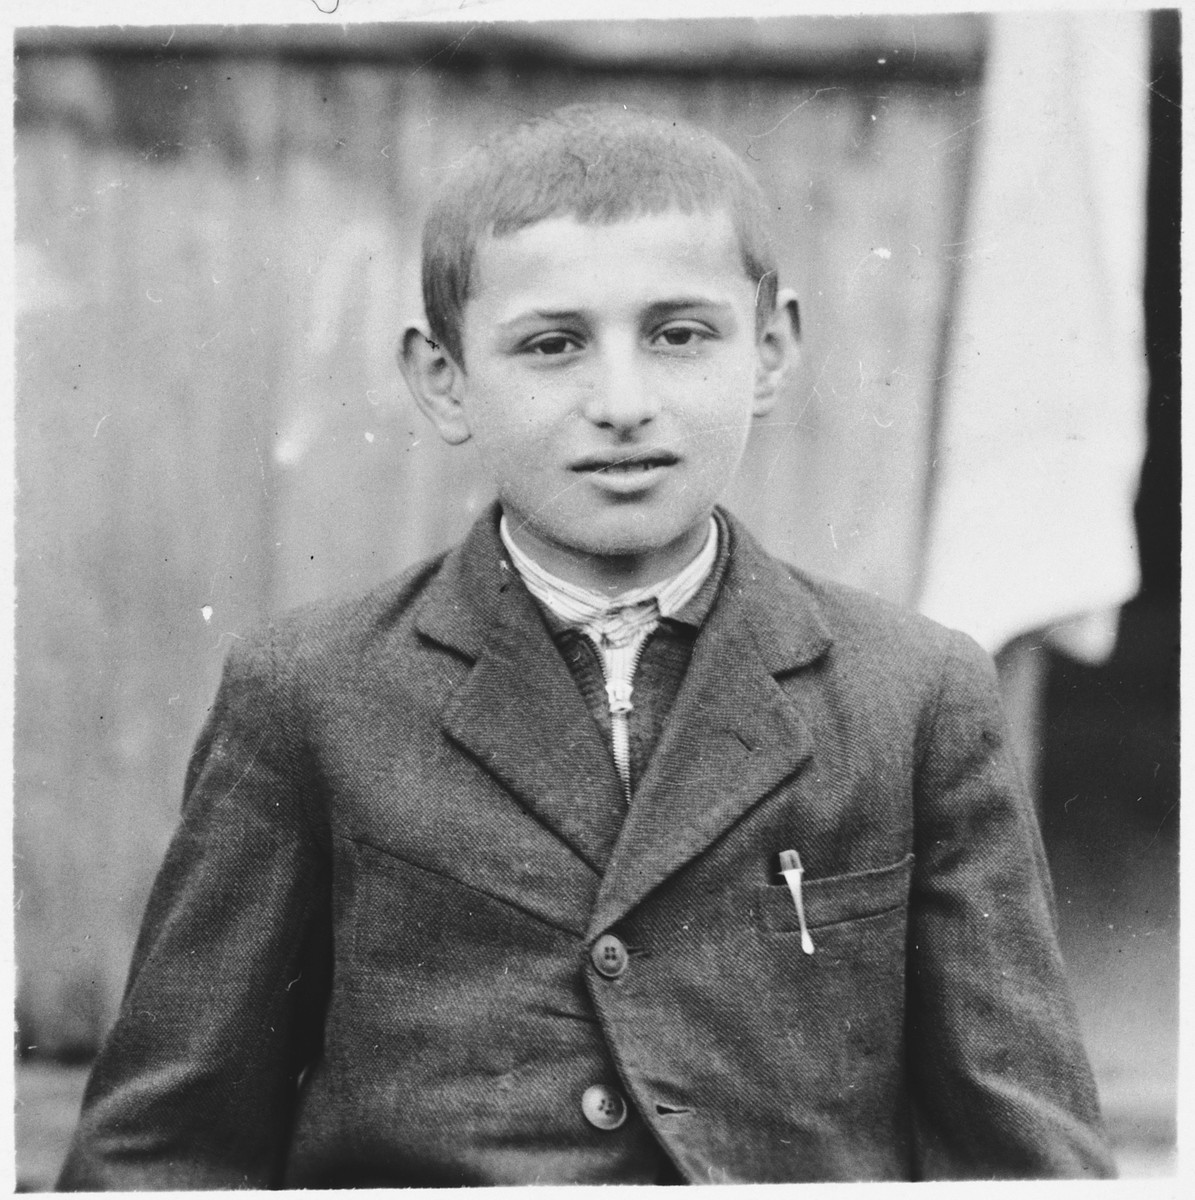 Portrait of a Jewish boy in Bilki.  Pictured is Israel Mermelstein.